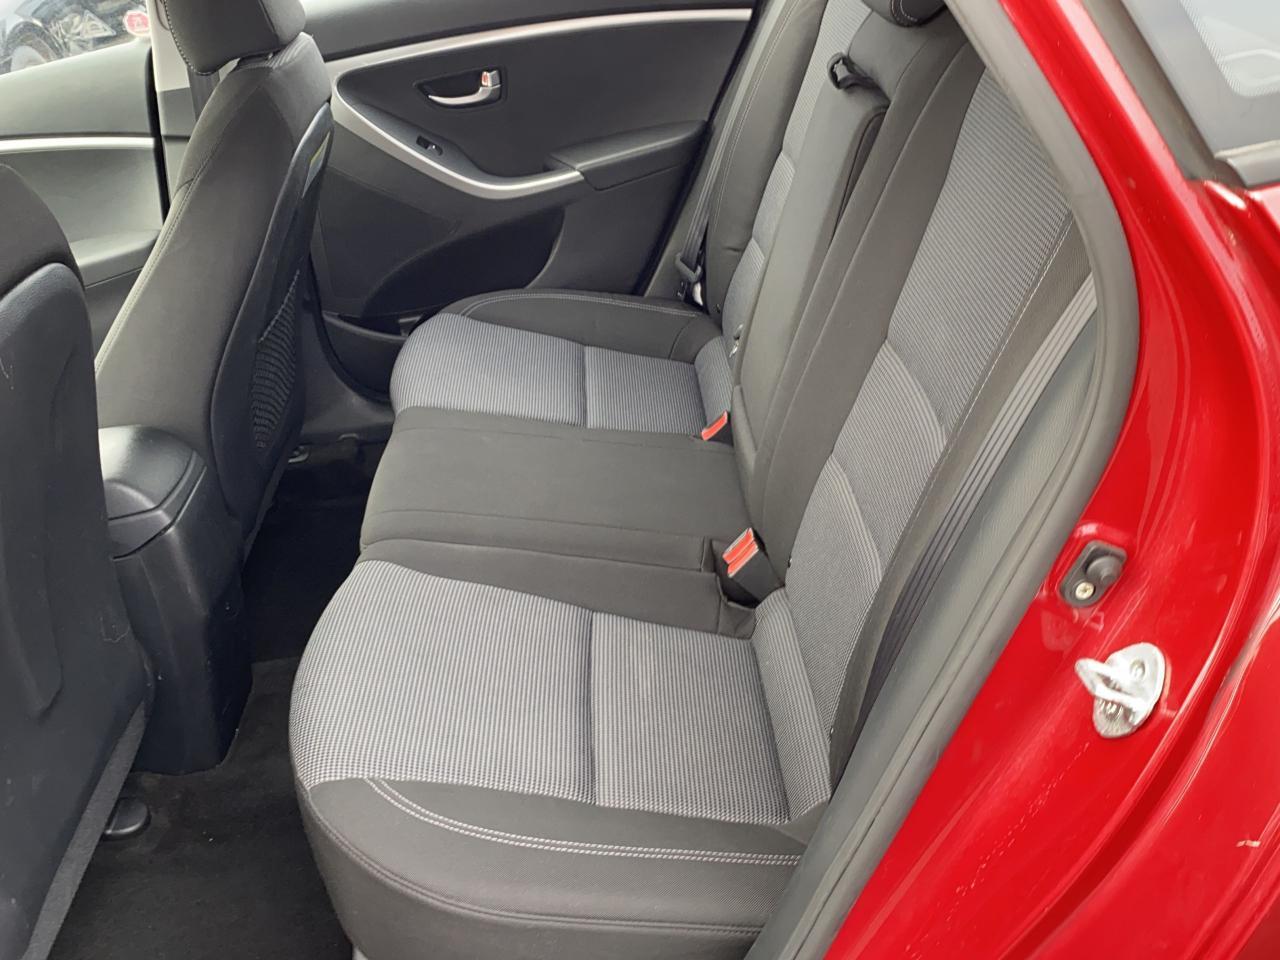 2014 Hyundai Elantra GT